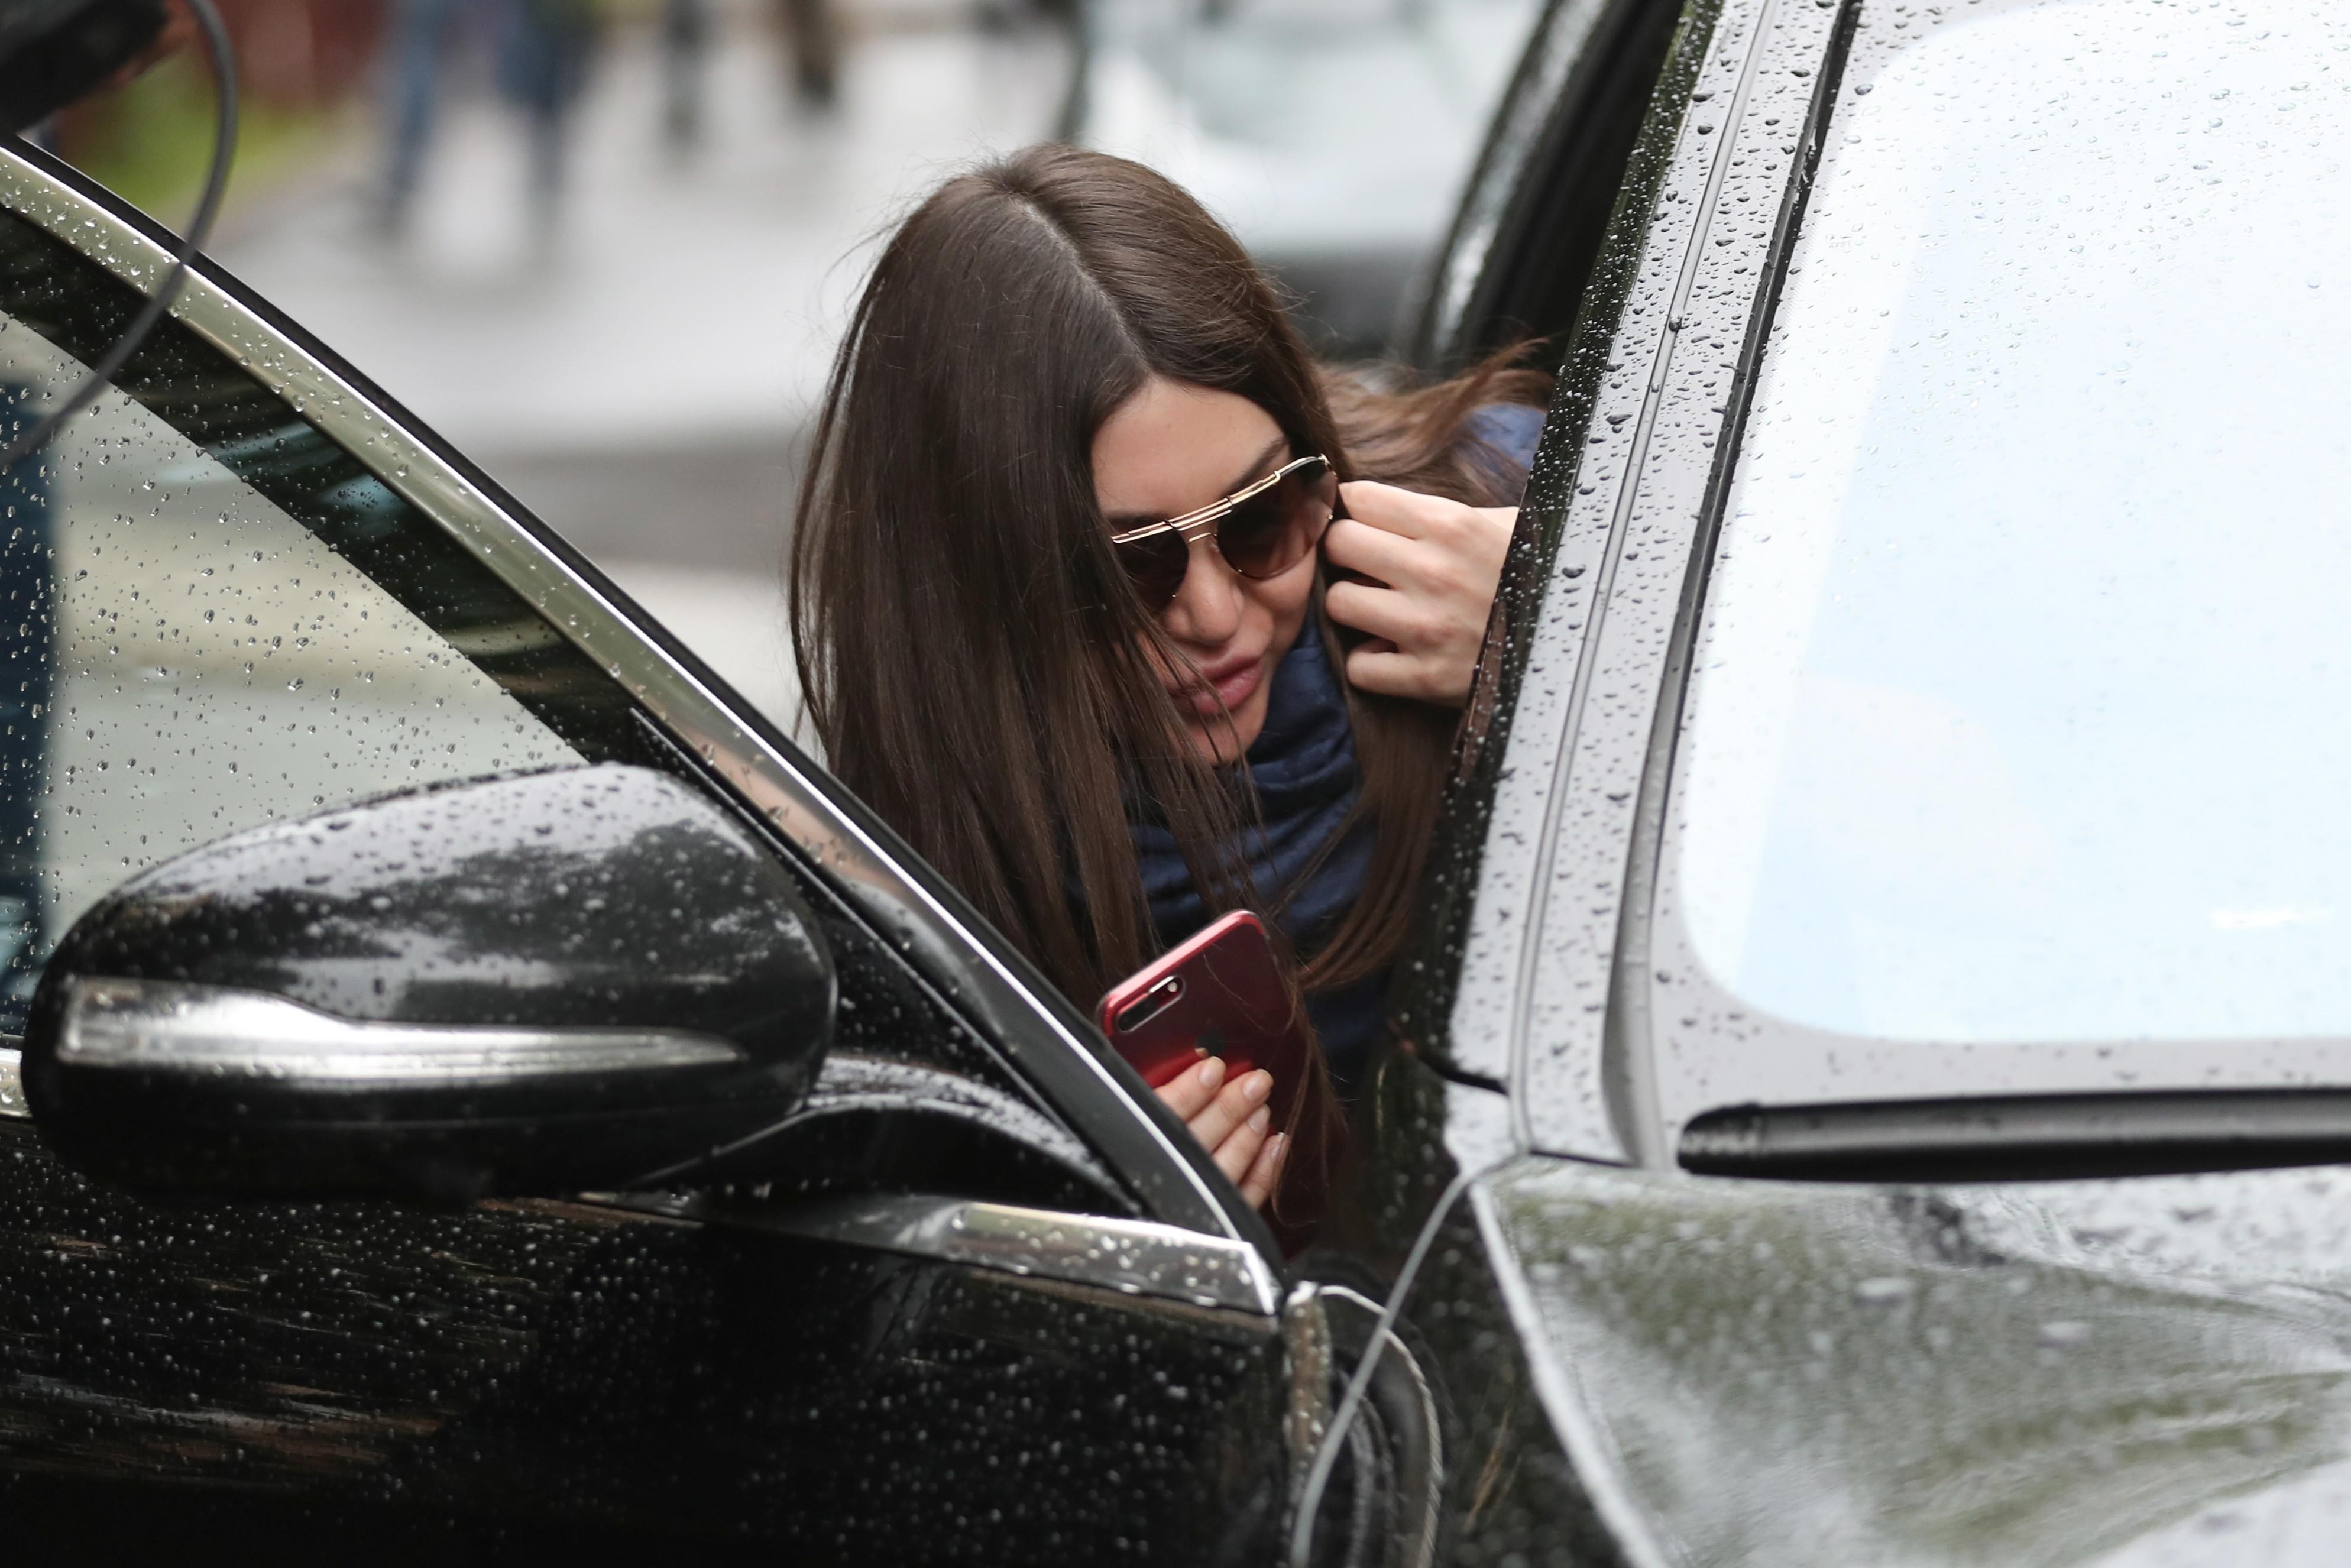 Мара Багдасарян 1апреля проинформировала, что ейвернули водительское удостоверение